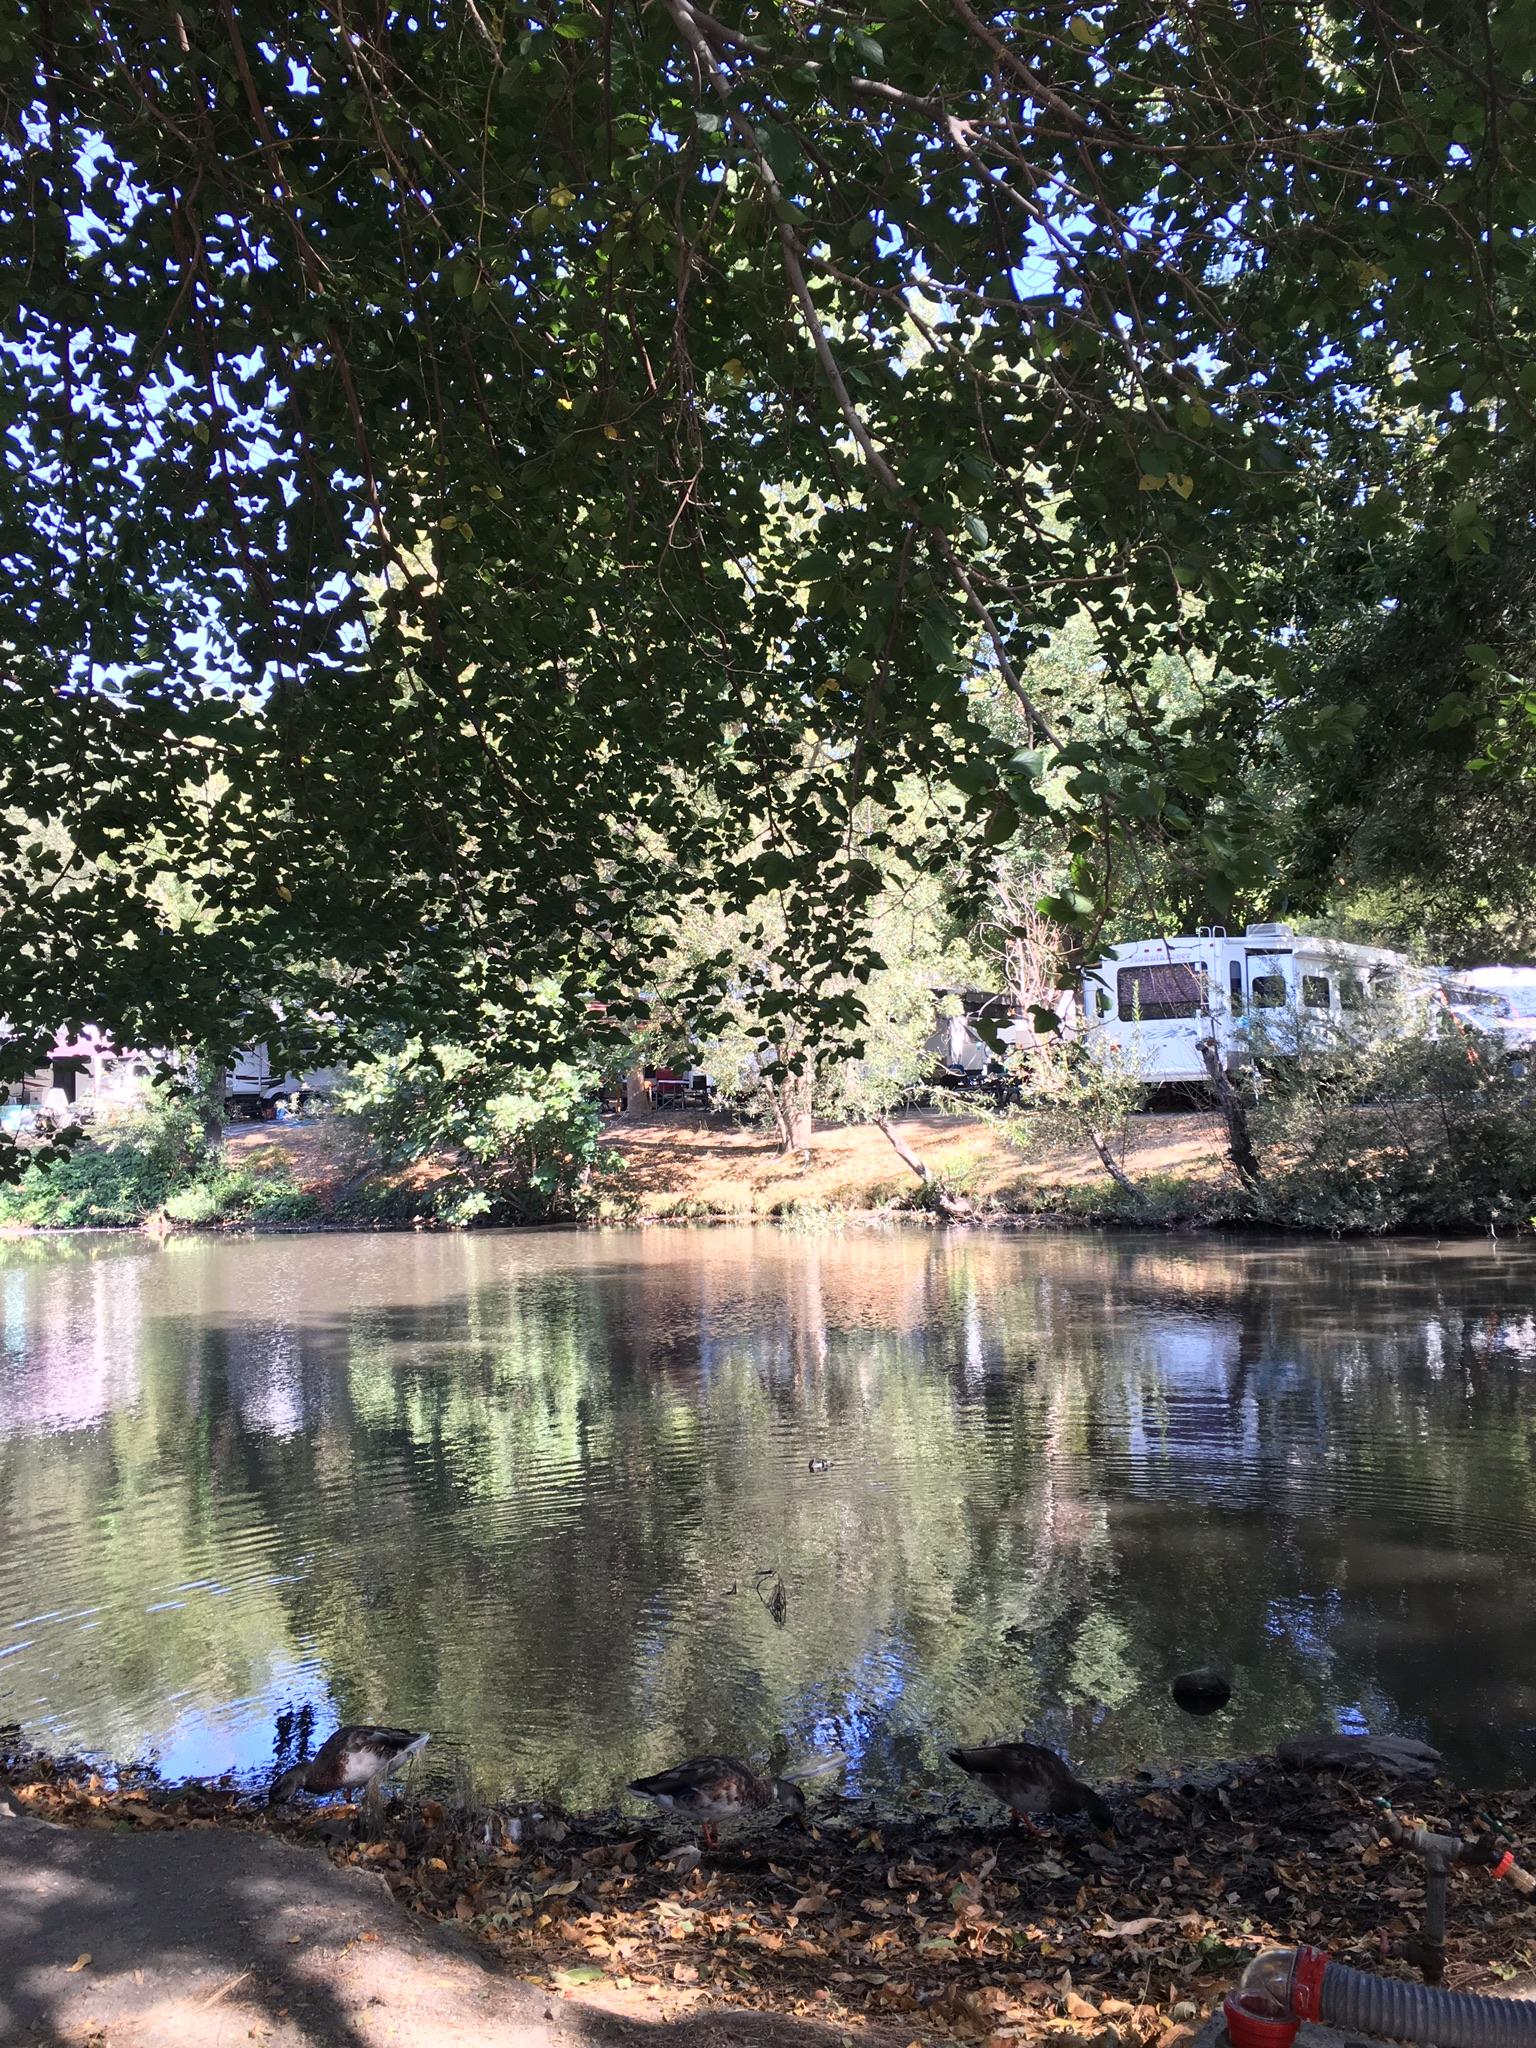 pennysaver | membership at mountain lakes resort in lytle creek